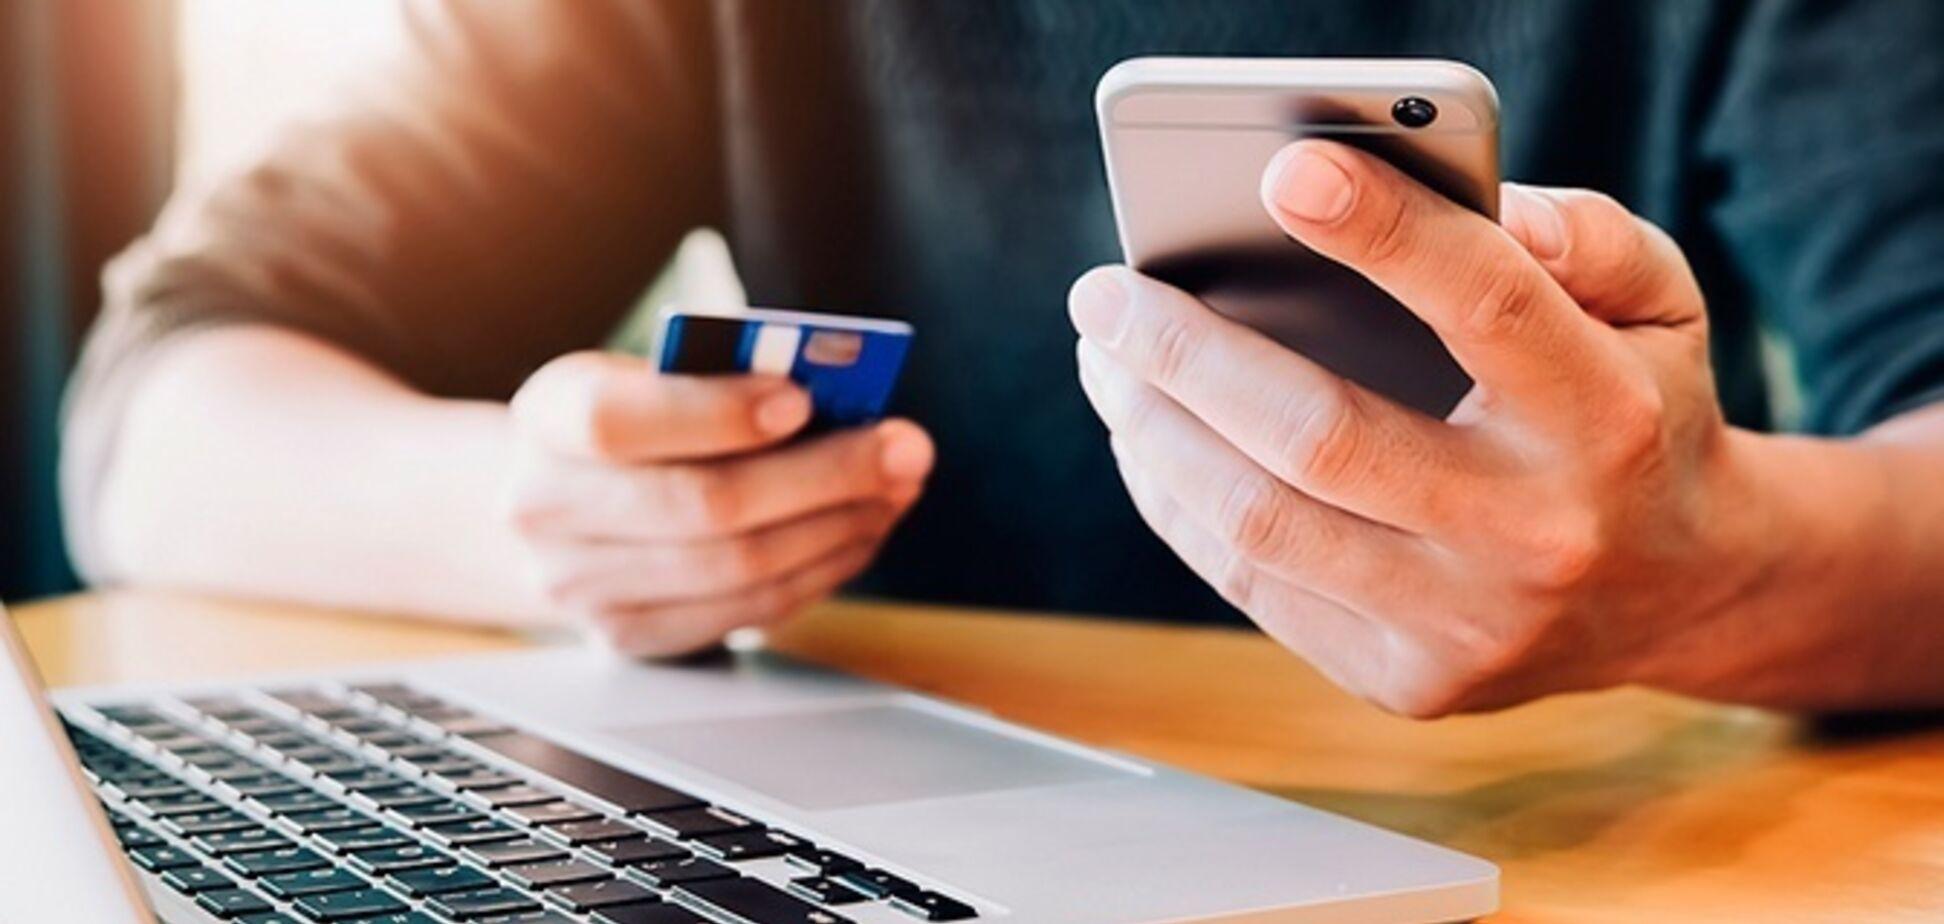 Самые популярные 'разводы' в интернете: как не стать жертвой мошенников